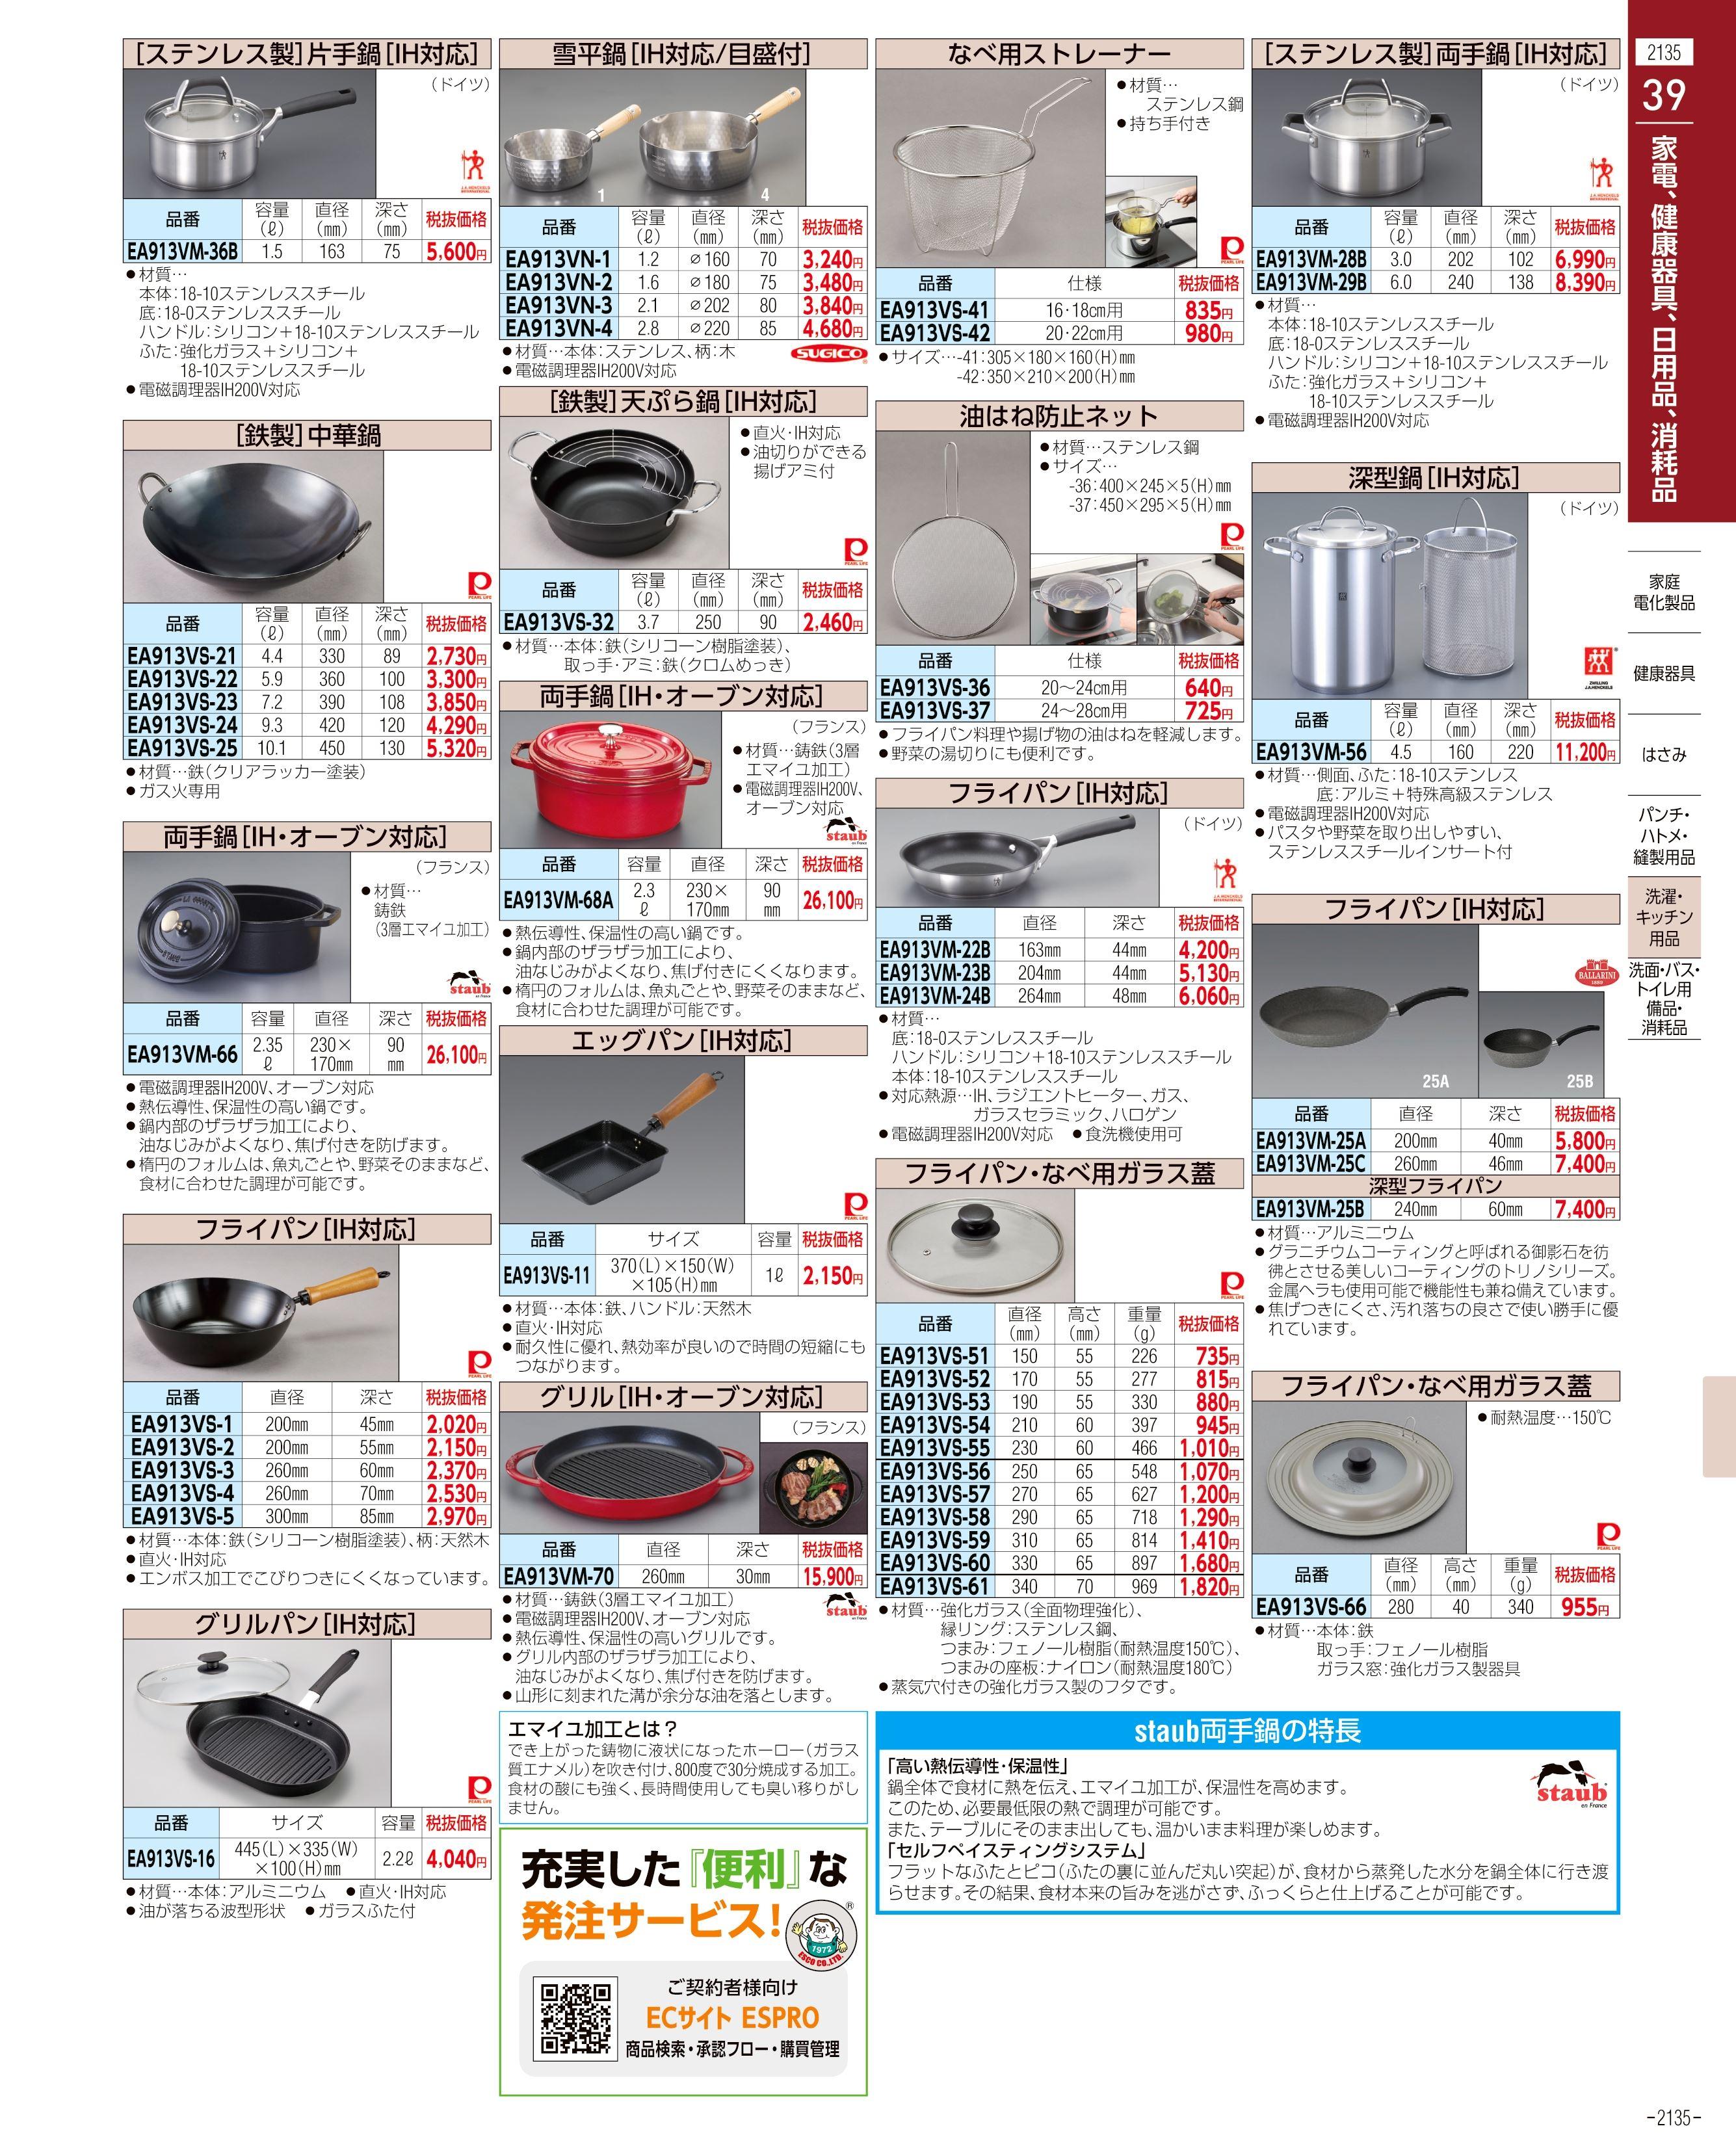 エスコ便利カタログ2135ページ